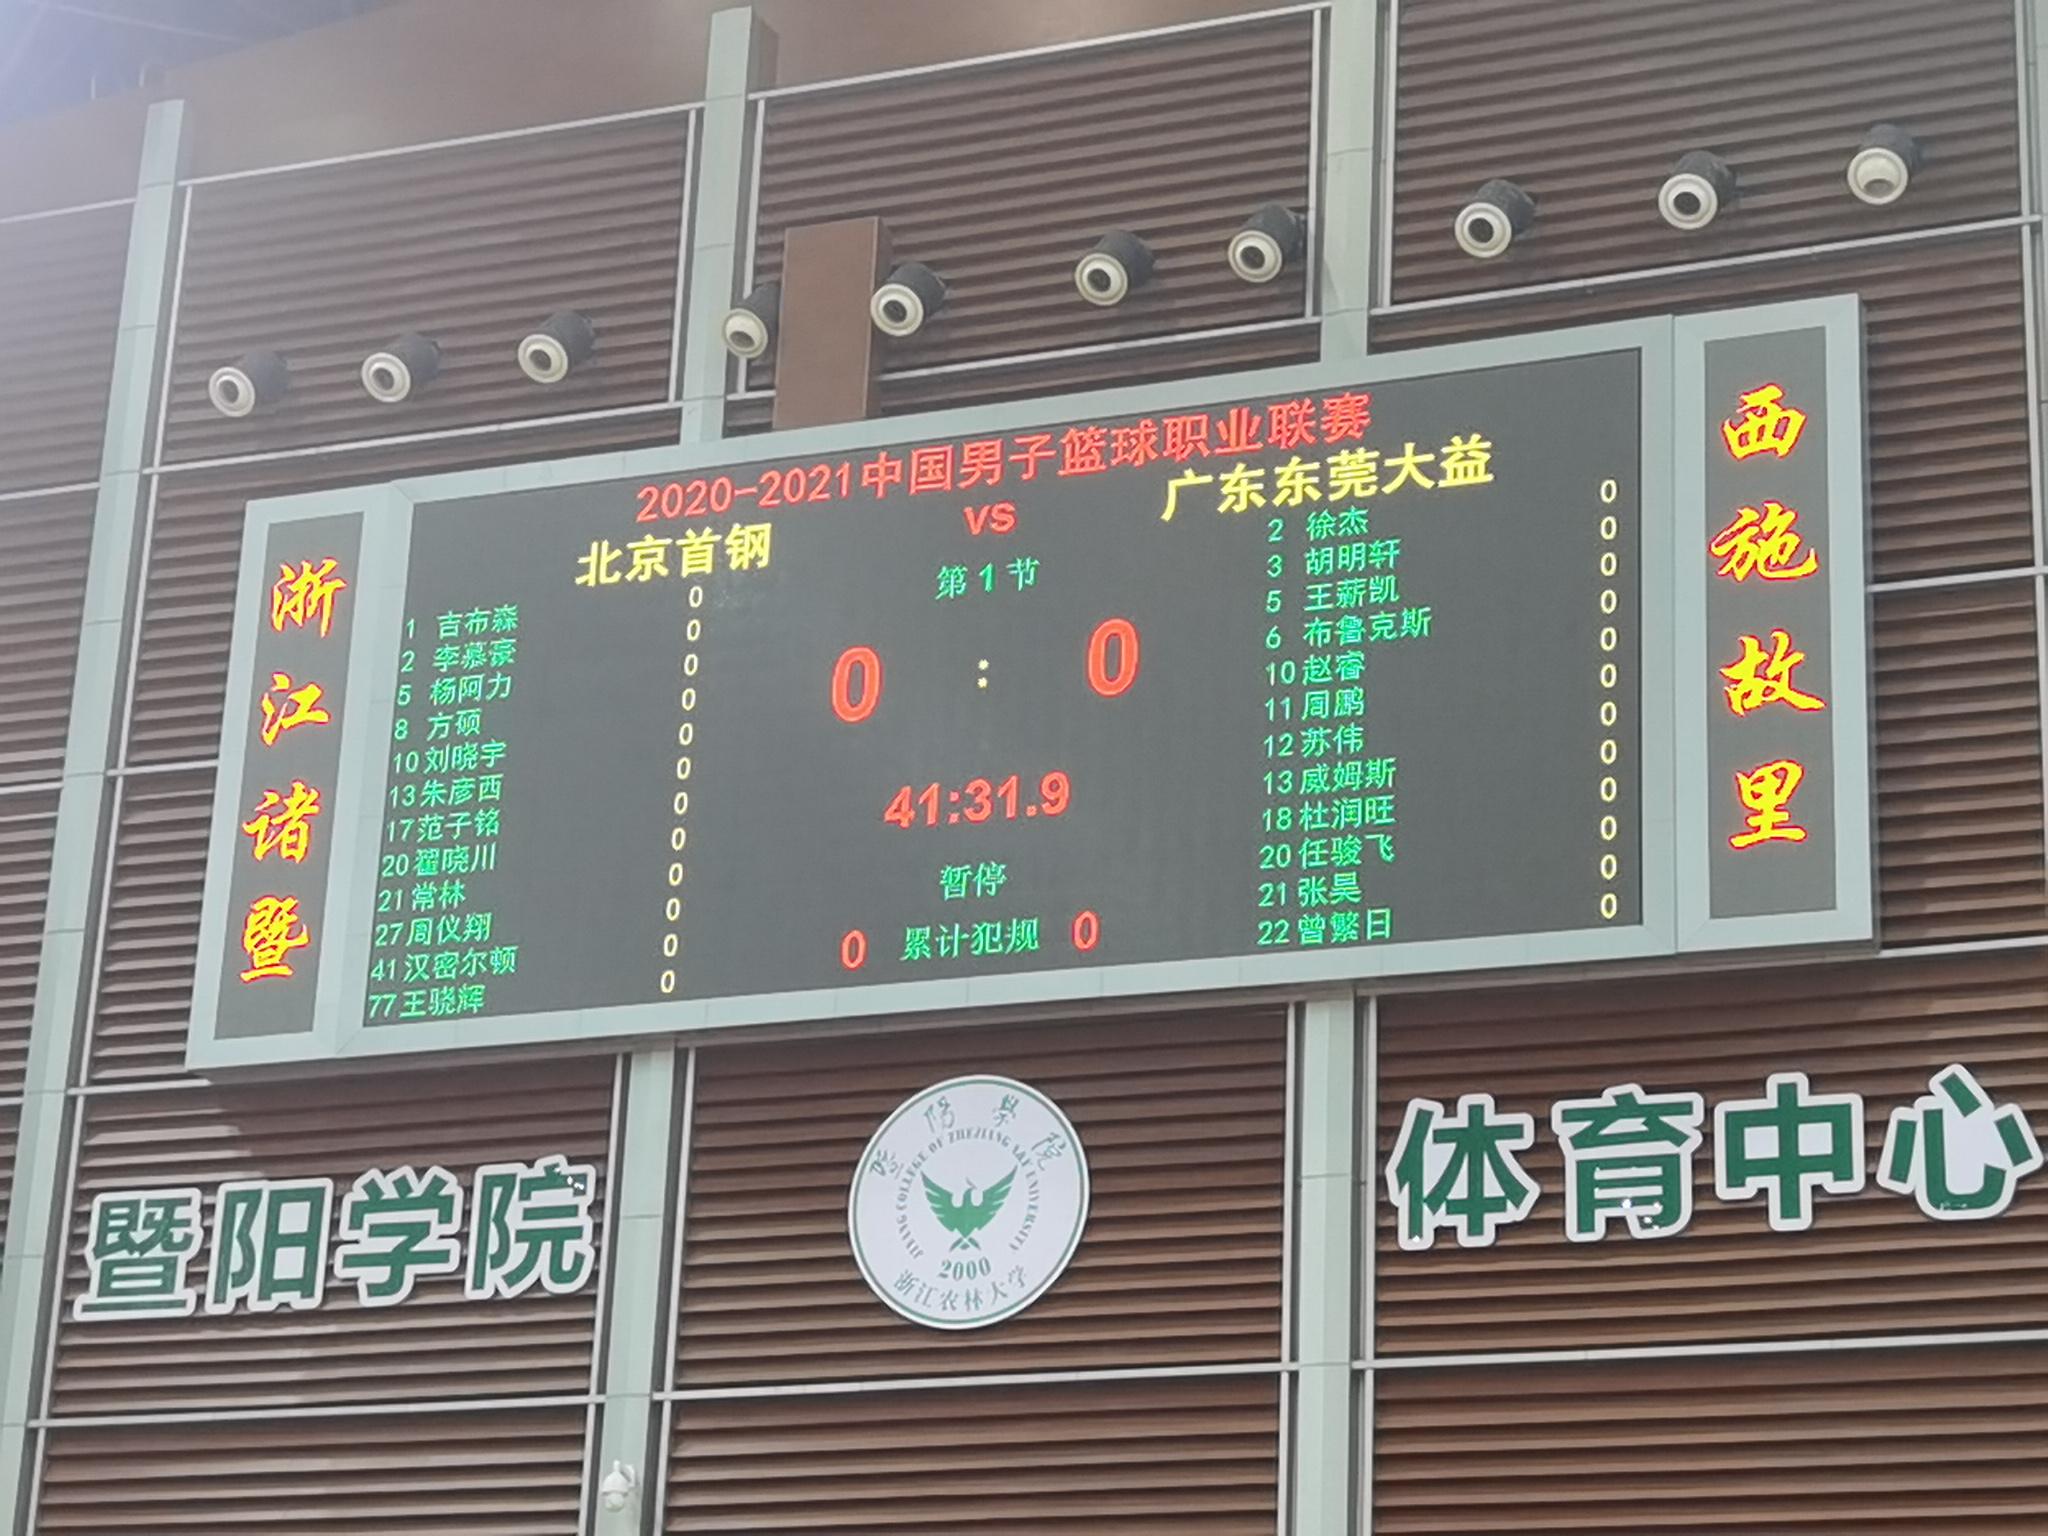 京粤大战大名单:两队均以双外援出战,主火狐体育官网力球员悉数在列